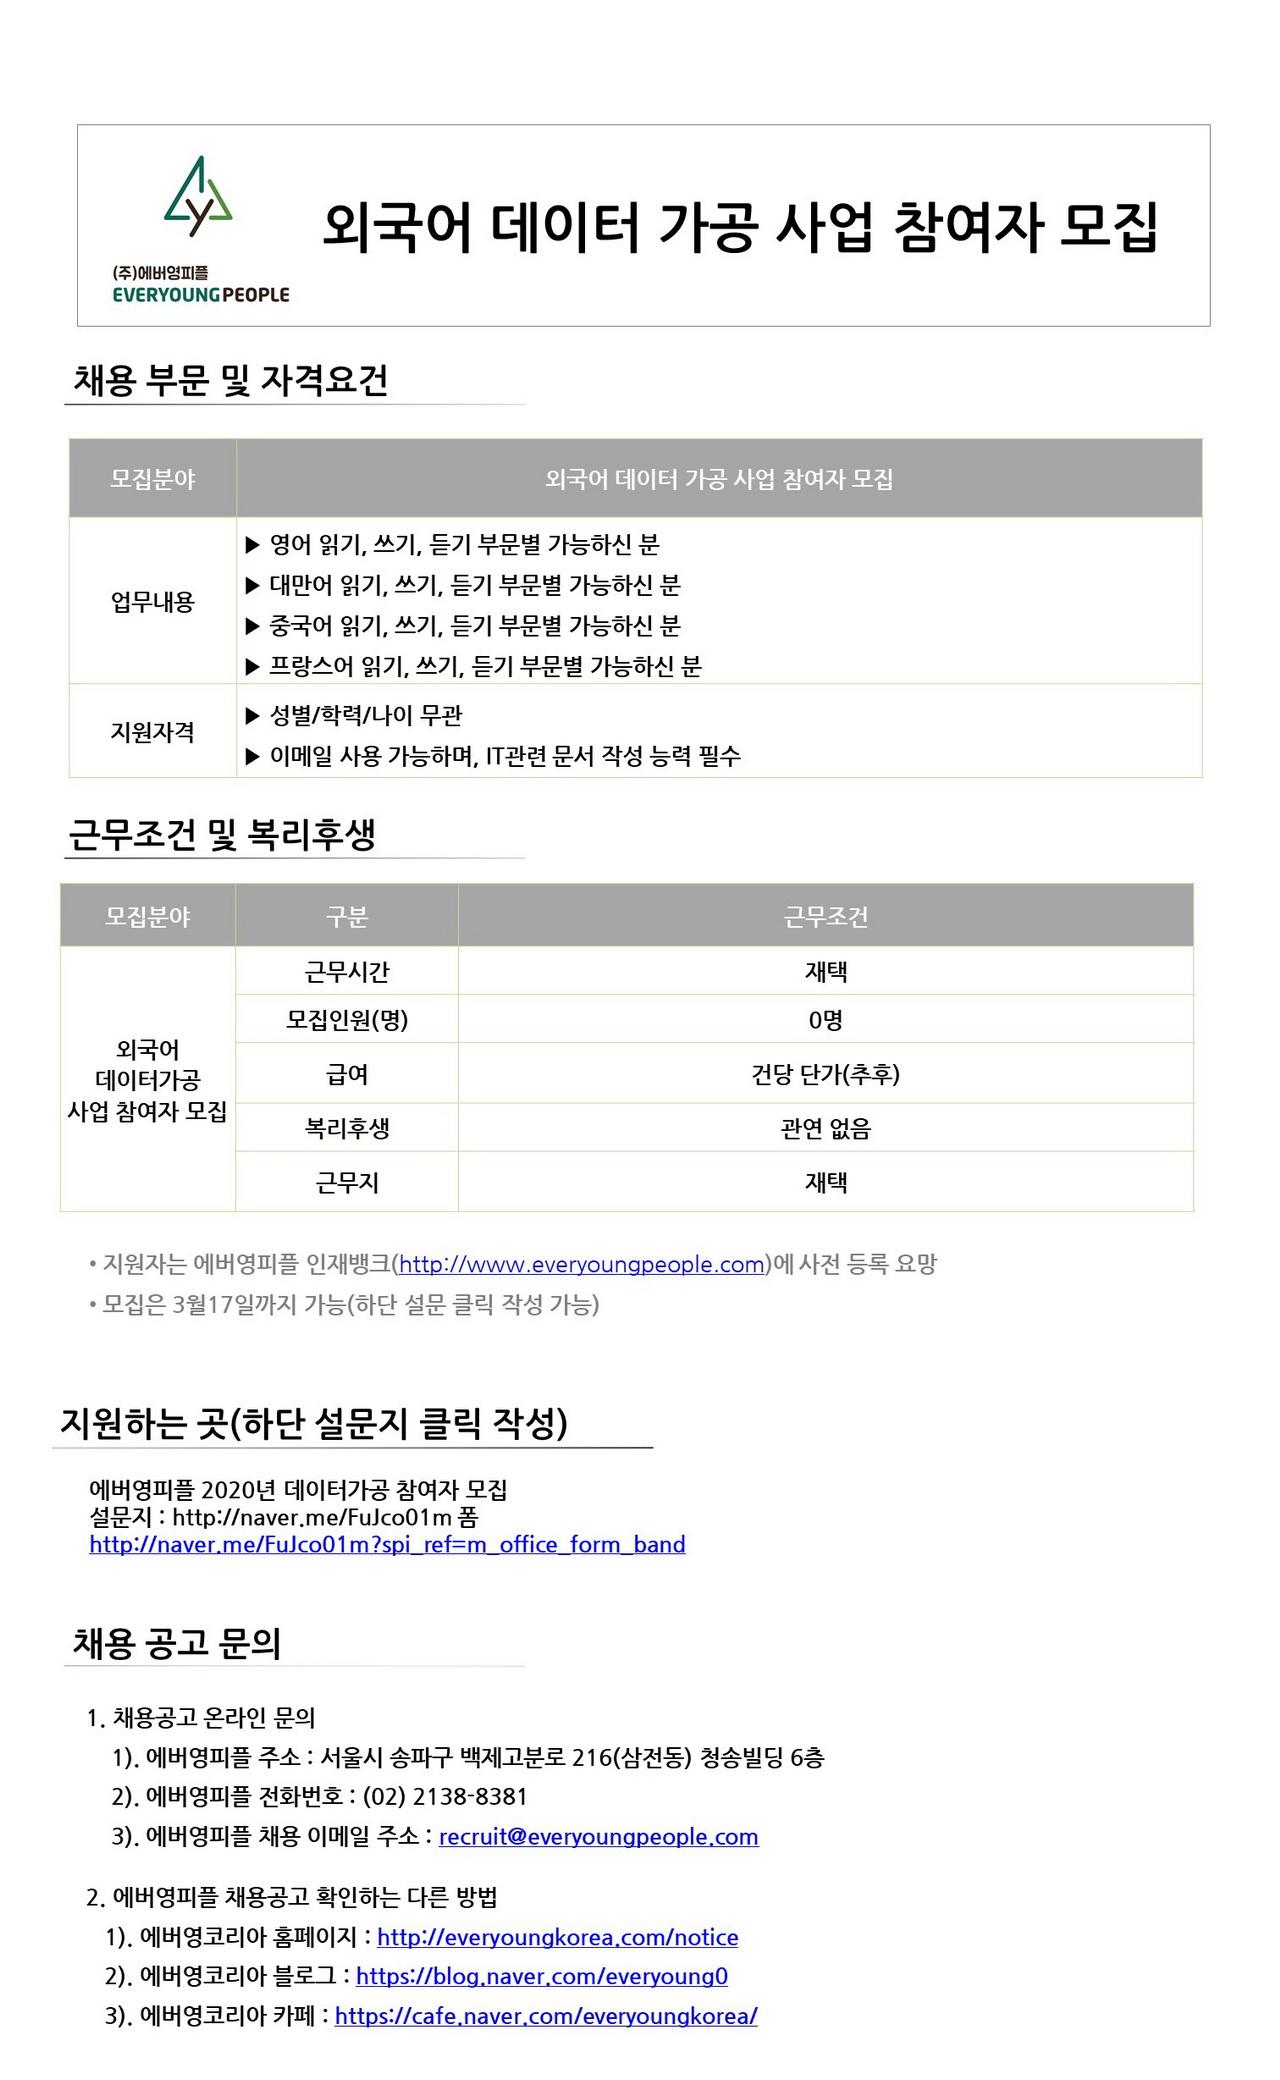 EP-에이모-외국어 능력자 수요조사-20200311-이한복.jpg